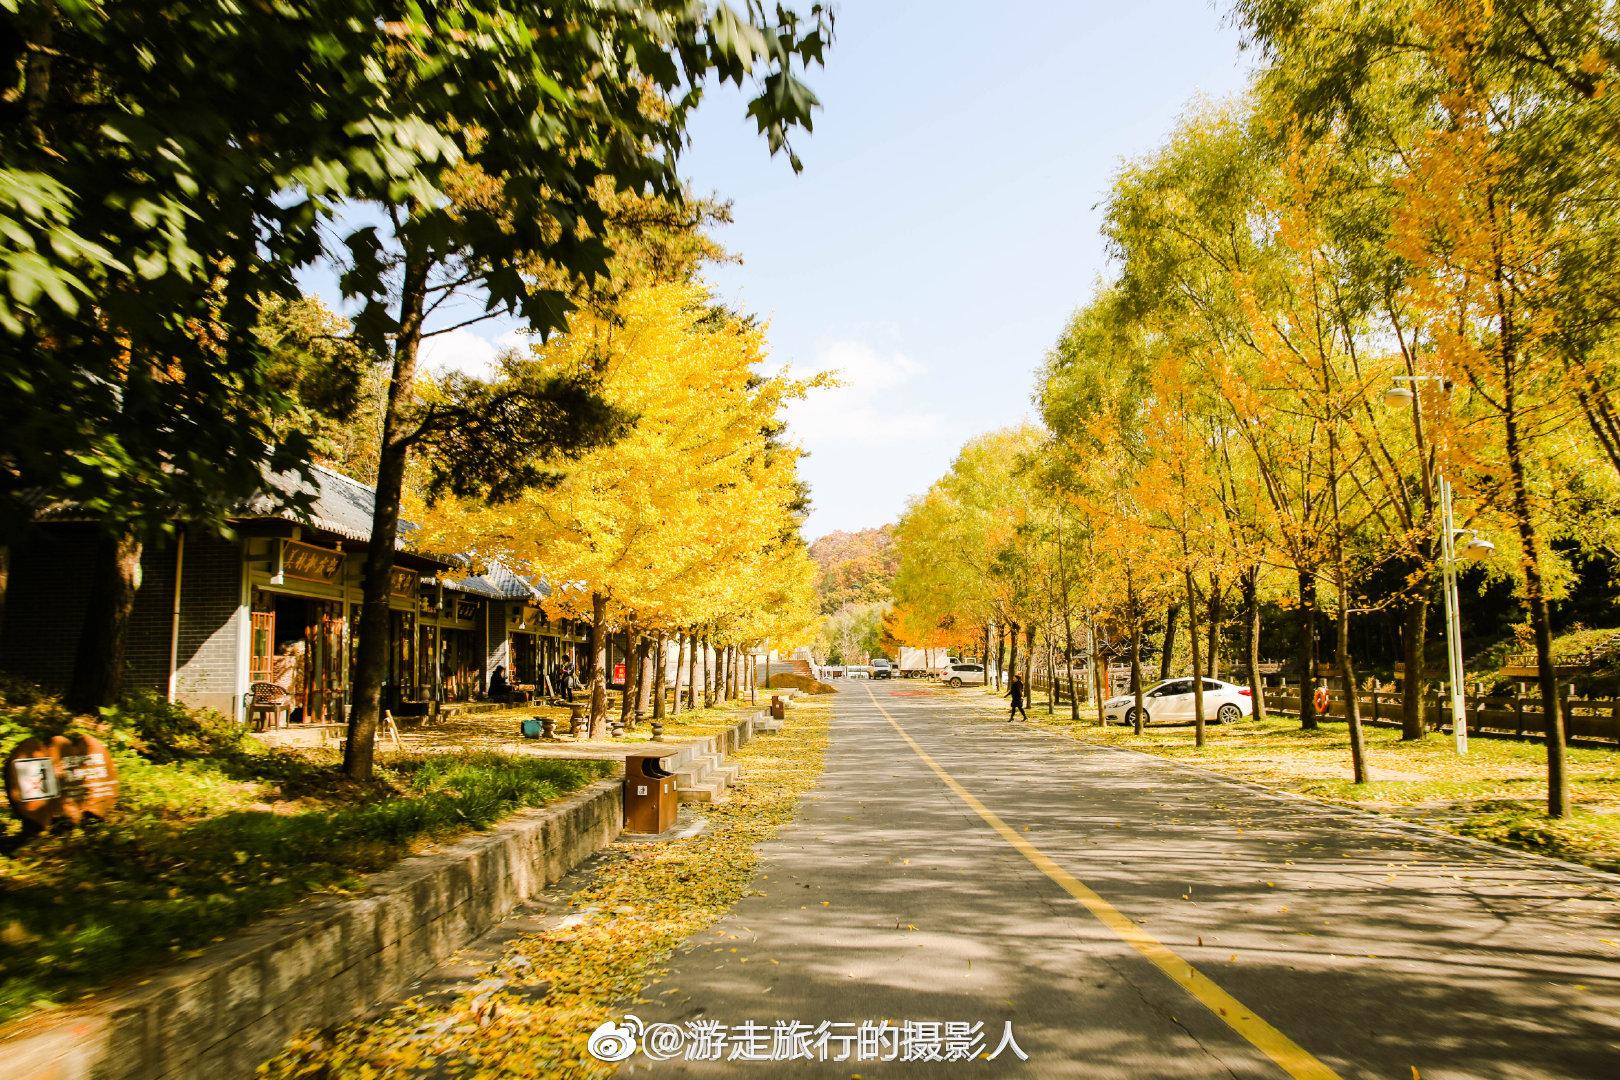 银杏树的美一起把这份和秋天的色彩传递给亲朋好友 洛阳嵩县五马